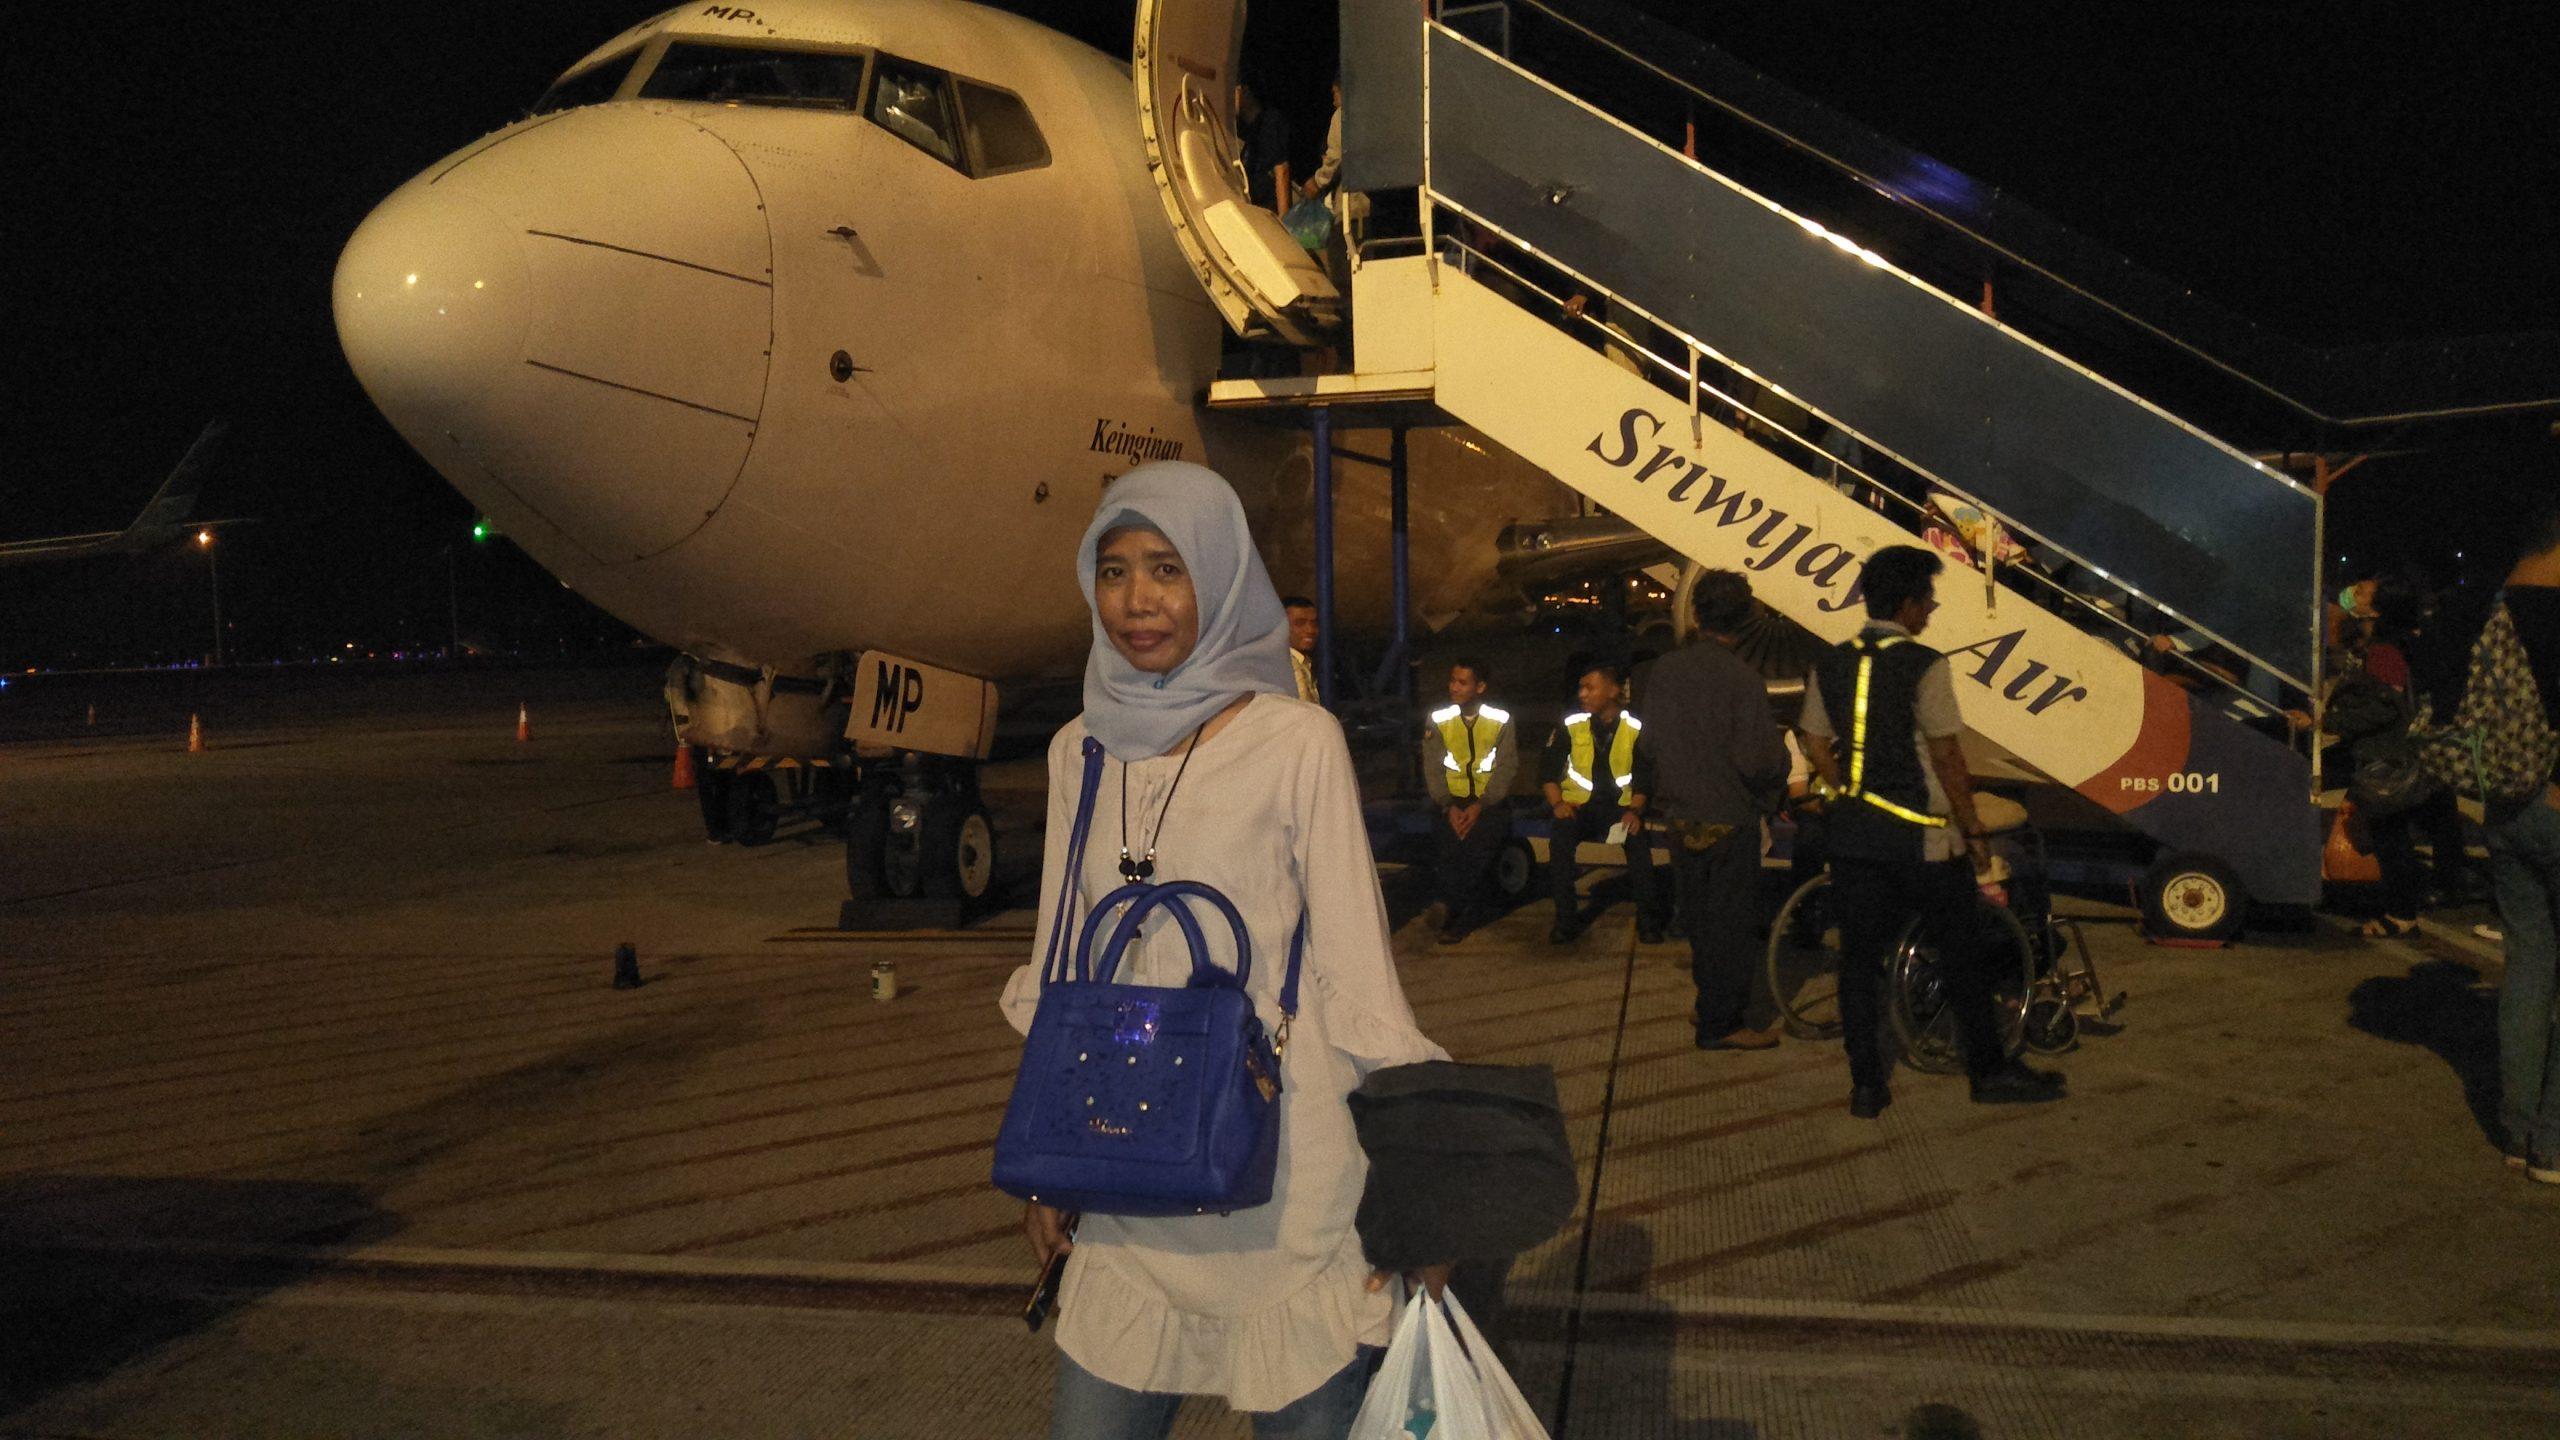 Ket. Foto : Salah seorang penumpang penerbangan Sriwijaya Air tiba di Bandar Udara Kualanamu International Airport (KNIA) dari Bandar Udara Soekarno Hatta (Soeta) belum lama ini. (zahendra)